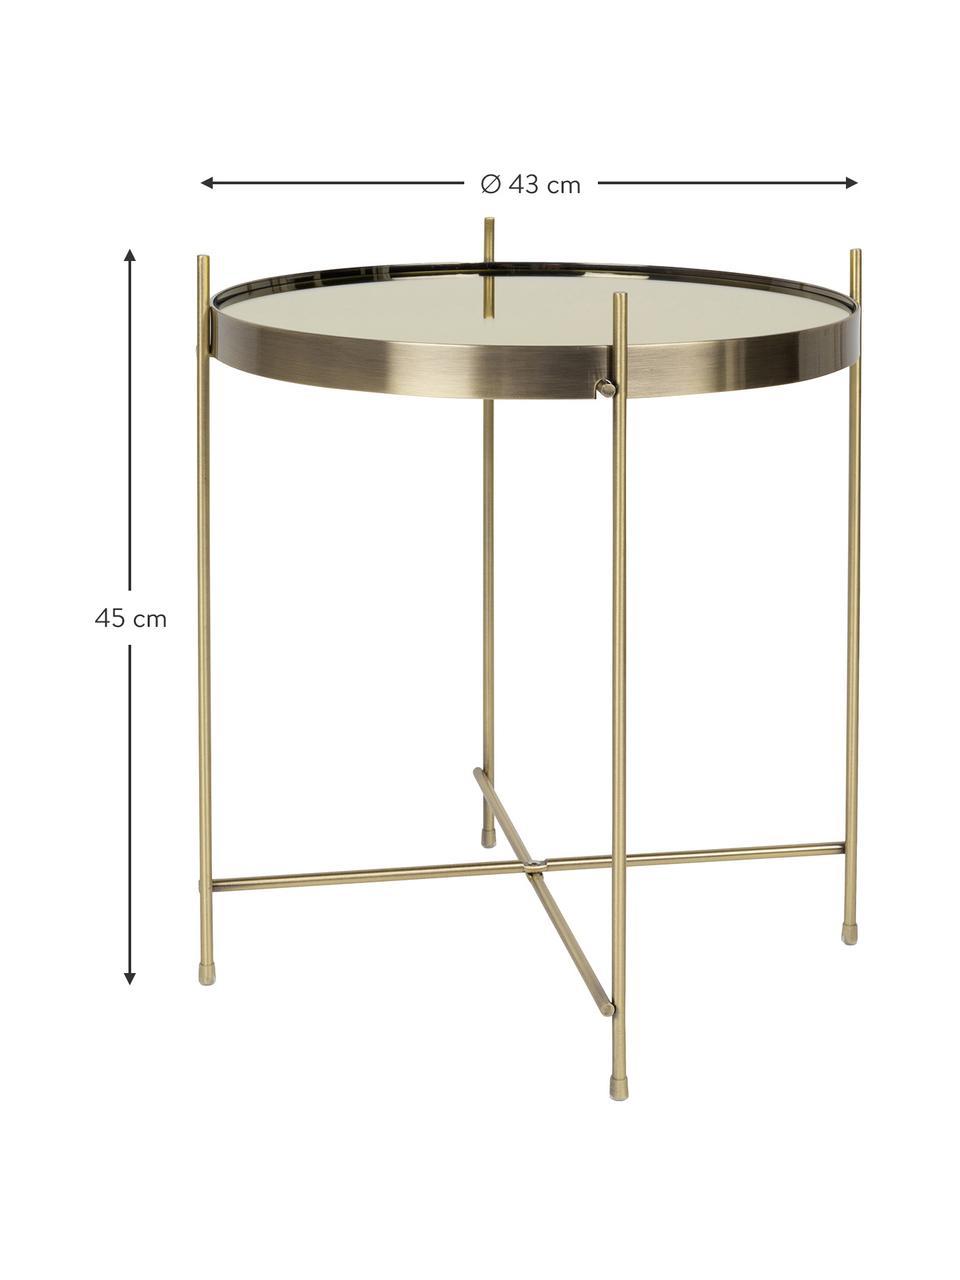 Tablett-Beistelltisch Cupid mit Glasplatte, Gestell: Metall, pulverbeschichtet, Tischplatte: Spiegelglas, lackiert, Goldfarben, Ø 43 x H 45 cm